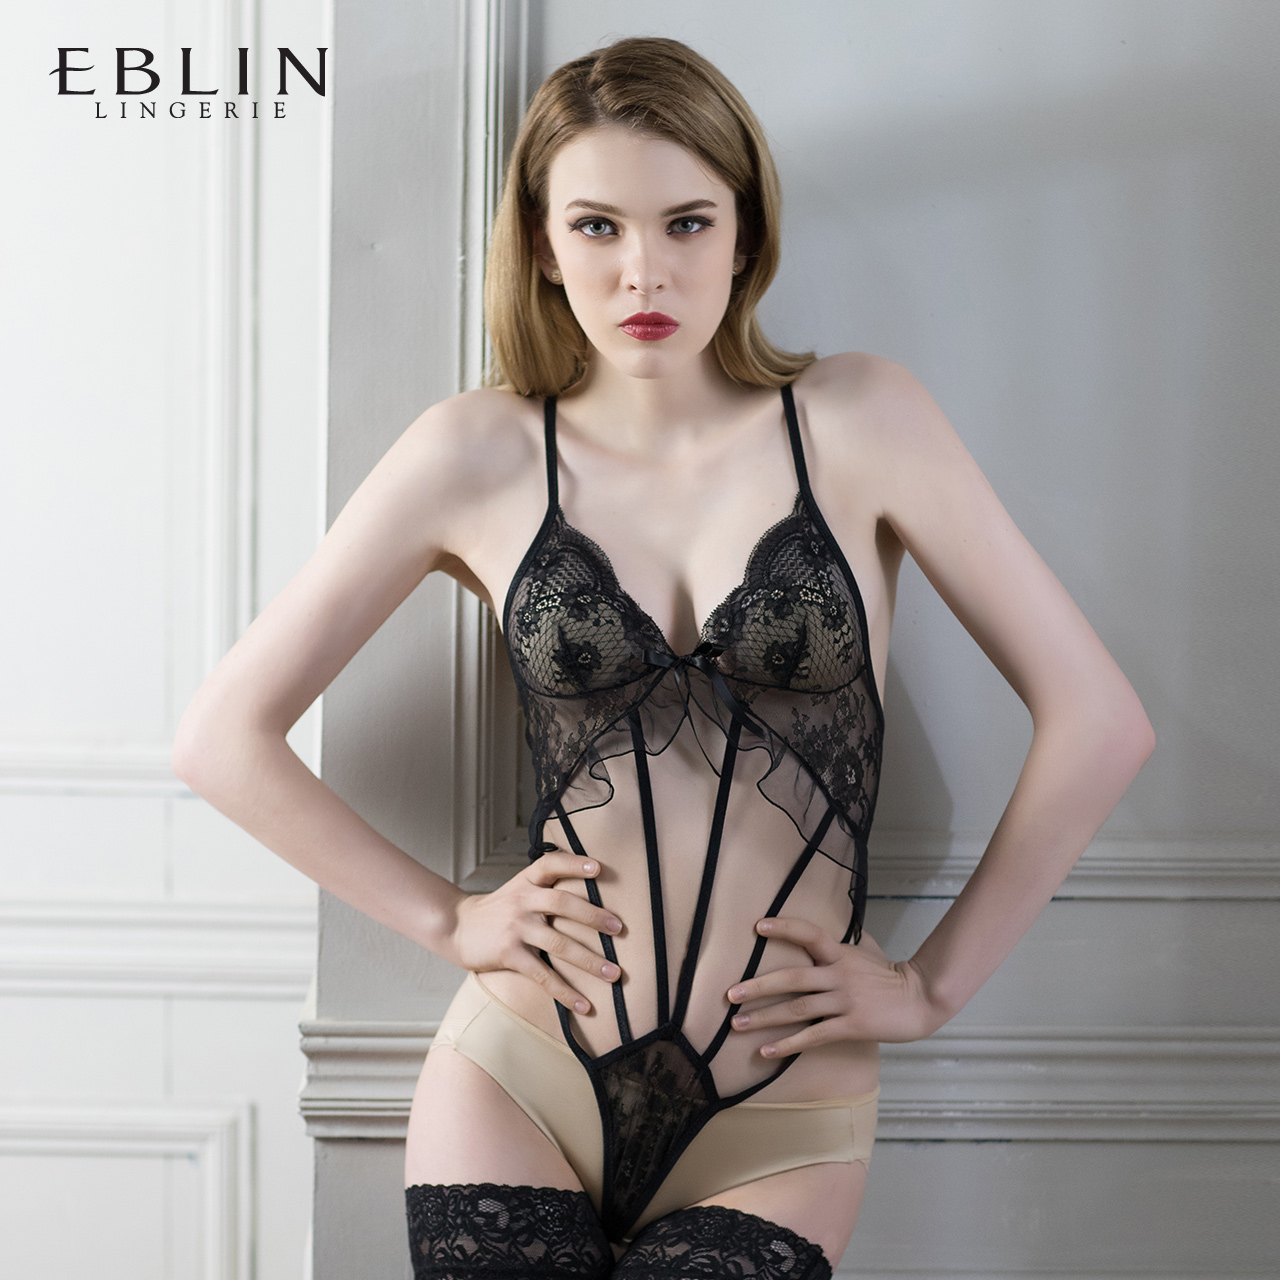 【 новые товары 】EBLIN сексуальный кружево вязание крючком лотос кружево fun внутри одежда ECFN78TG41